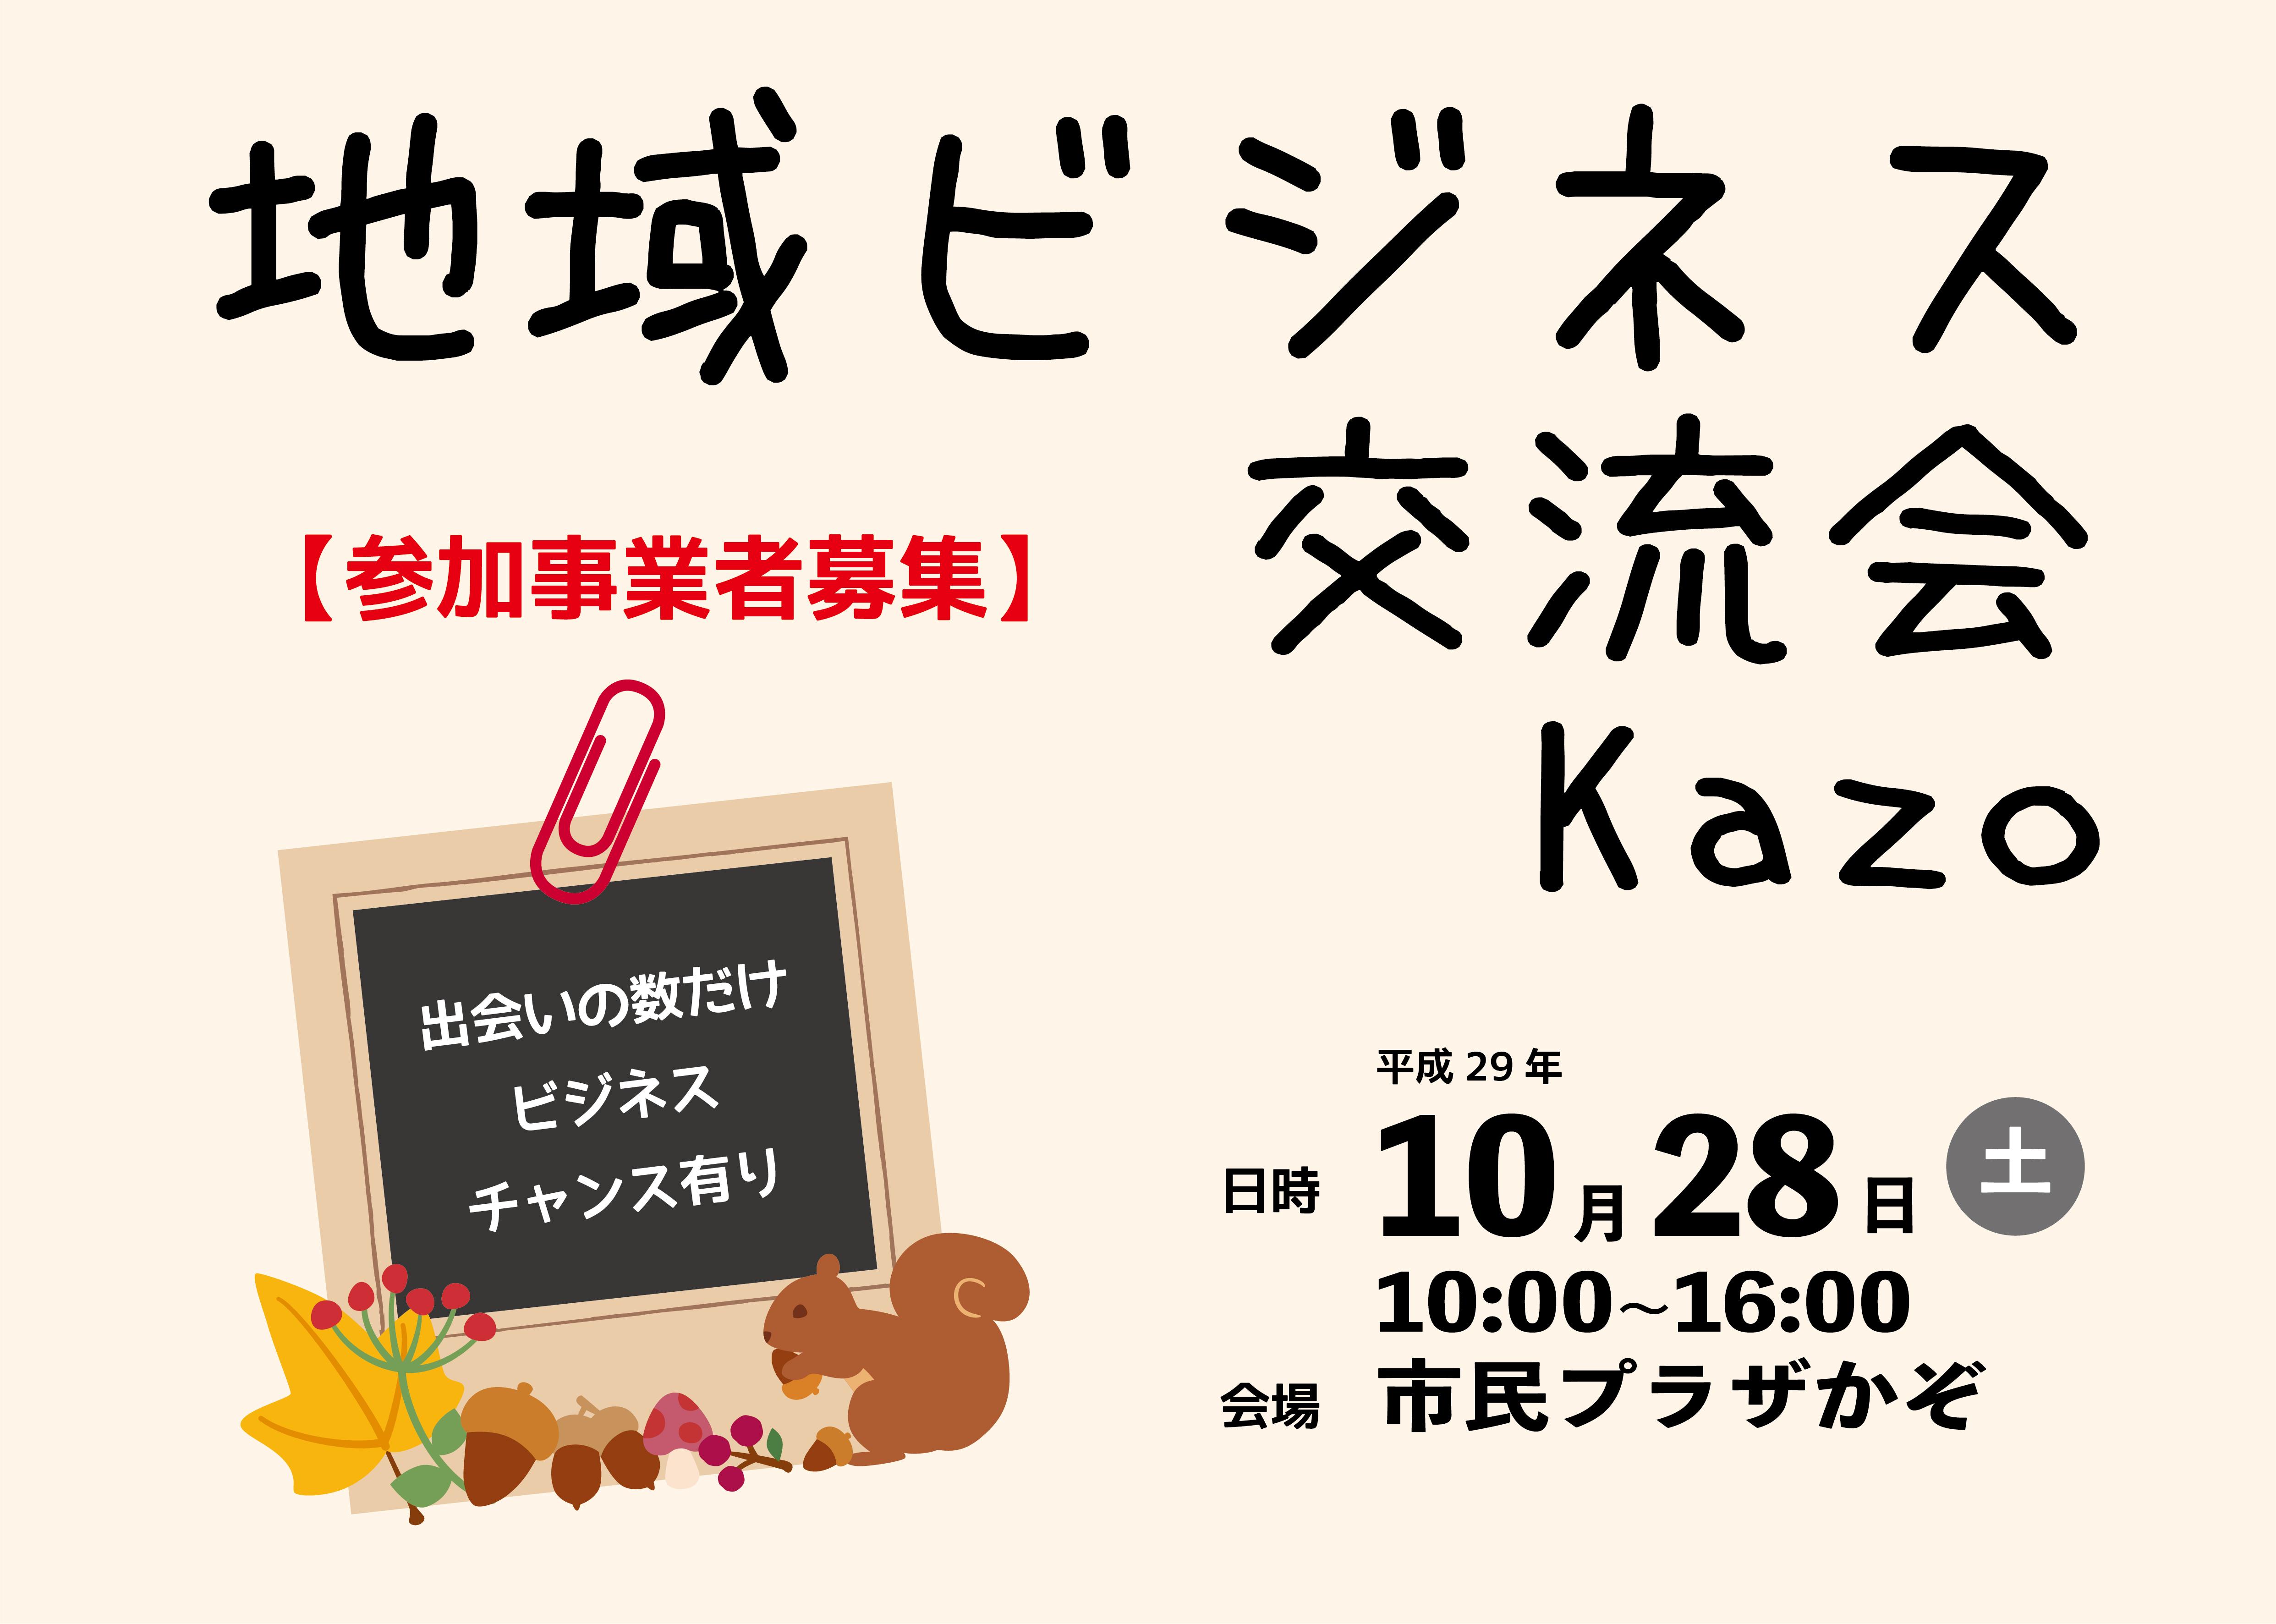 地域ビジネス交流会Kazo│ステップアップコンサルティング株式会社